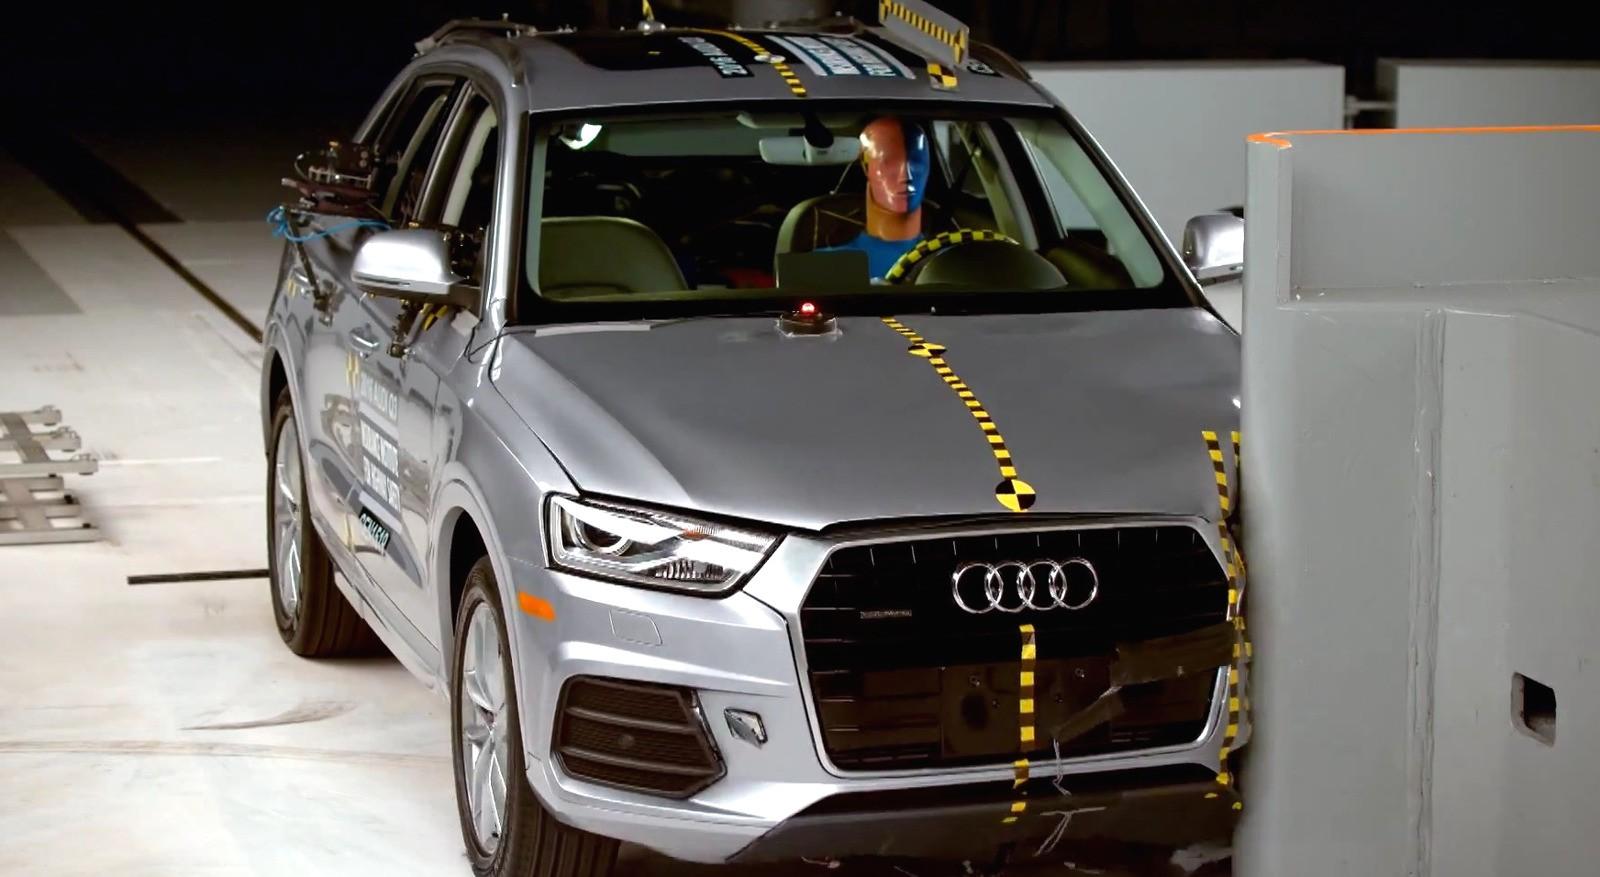 США составили и опубликовали рейтинг наиболее безопасных авто 1